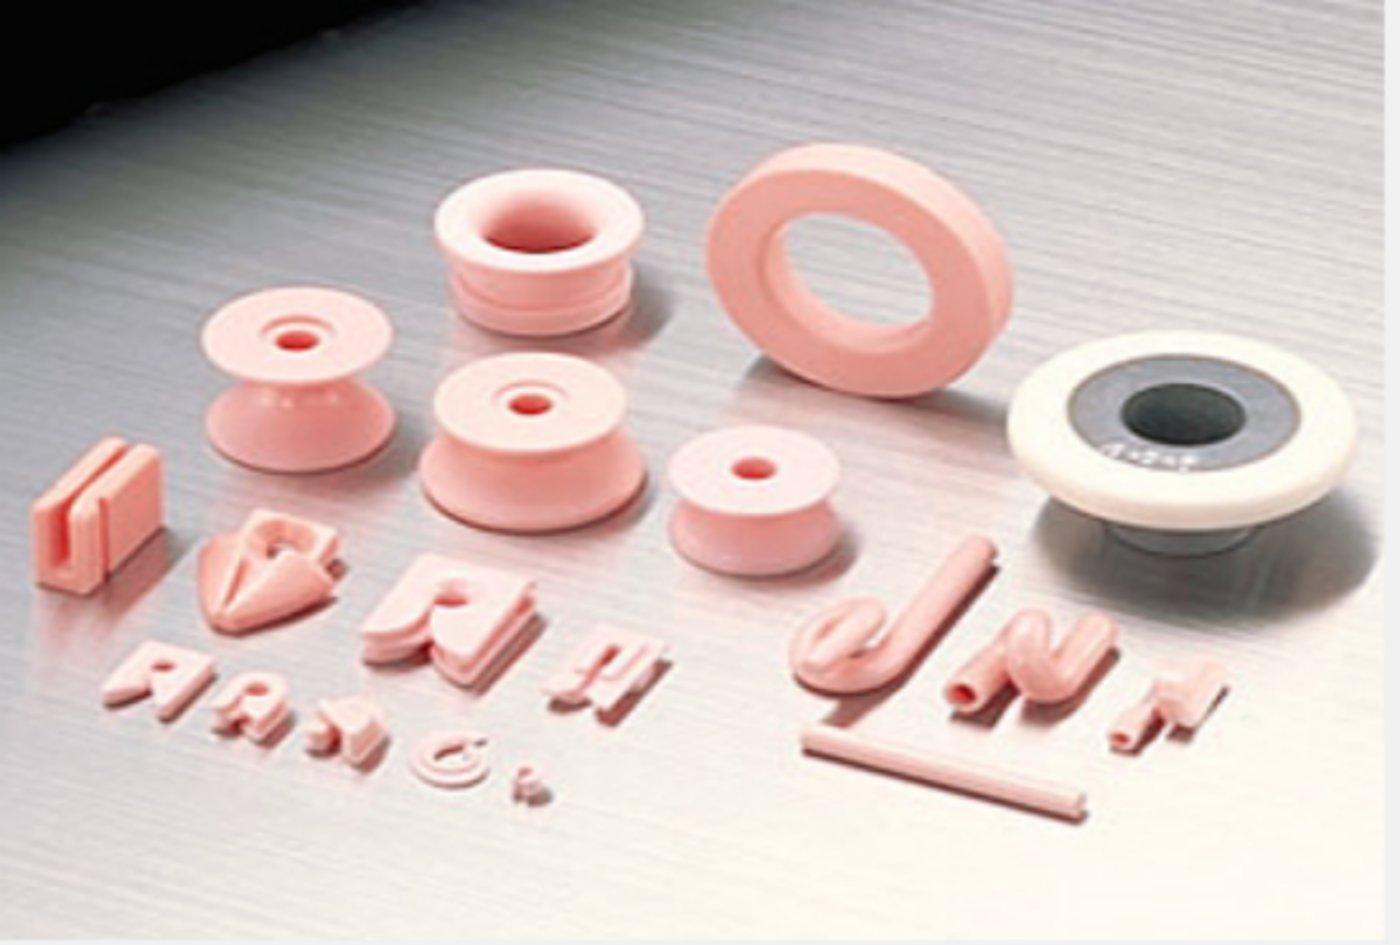 京瓷生产的用于纺织机械和鱼竿的陶瓷导向件